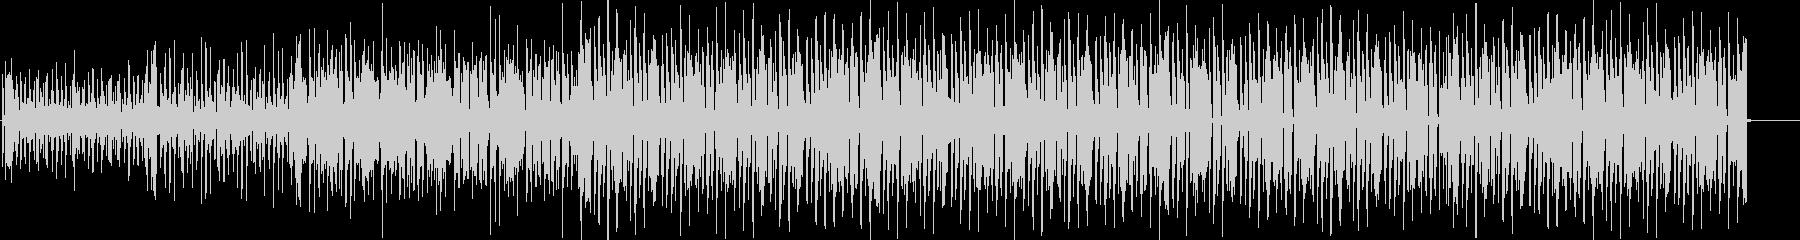 ベースのグルーブ溢れるファンク aの未再生の波形